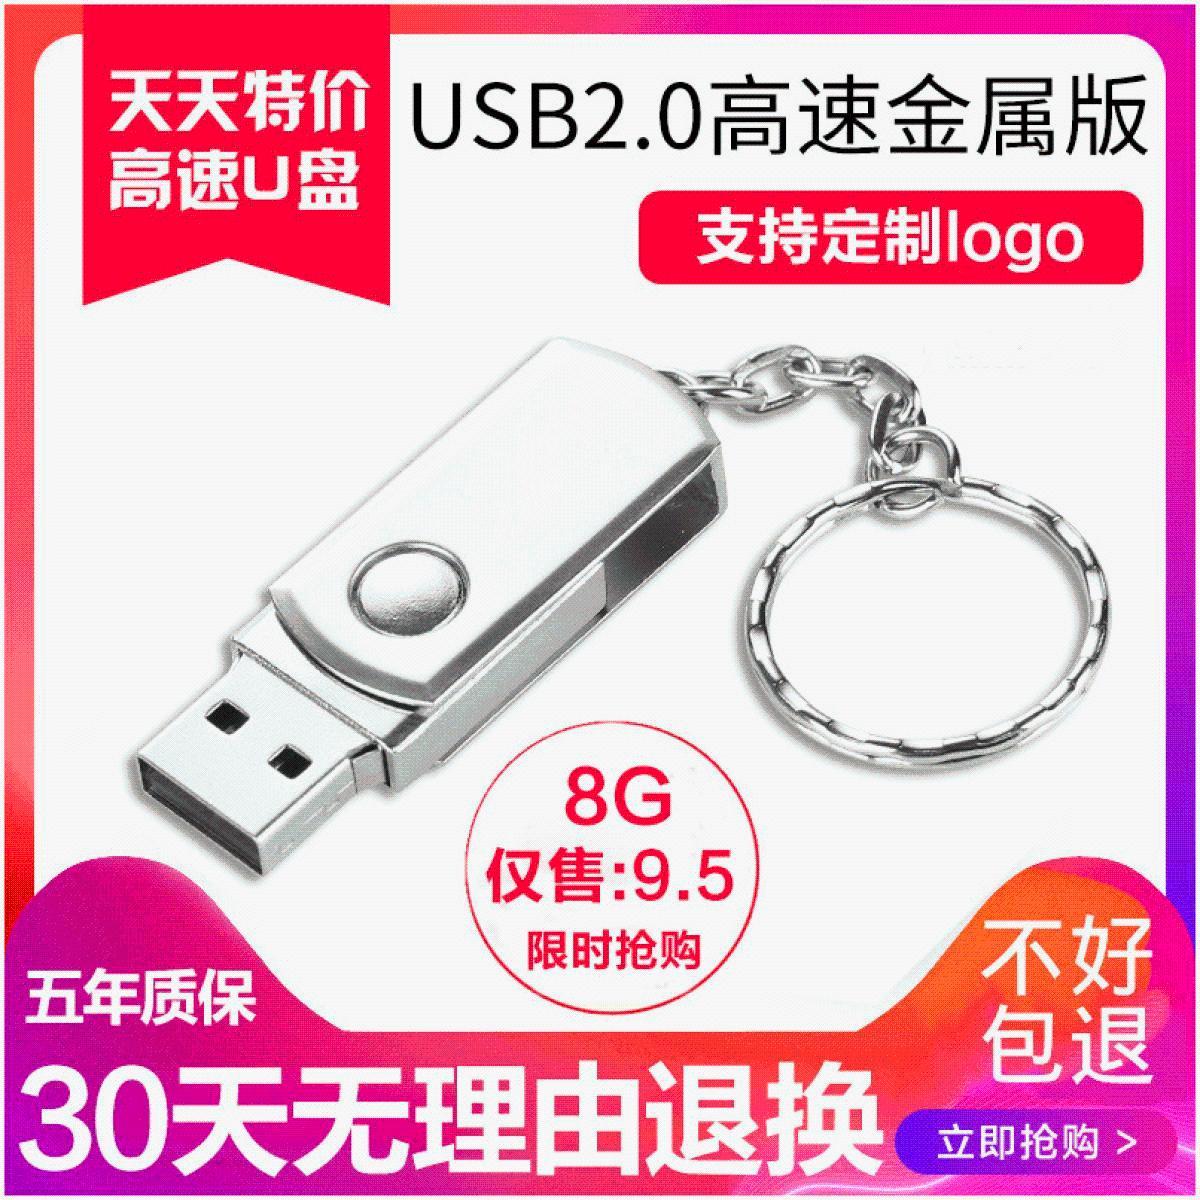 定制u盘8g16gu盘正品金属防水U盘32g广告礼品招投标u盘4g定做